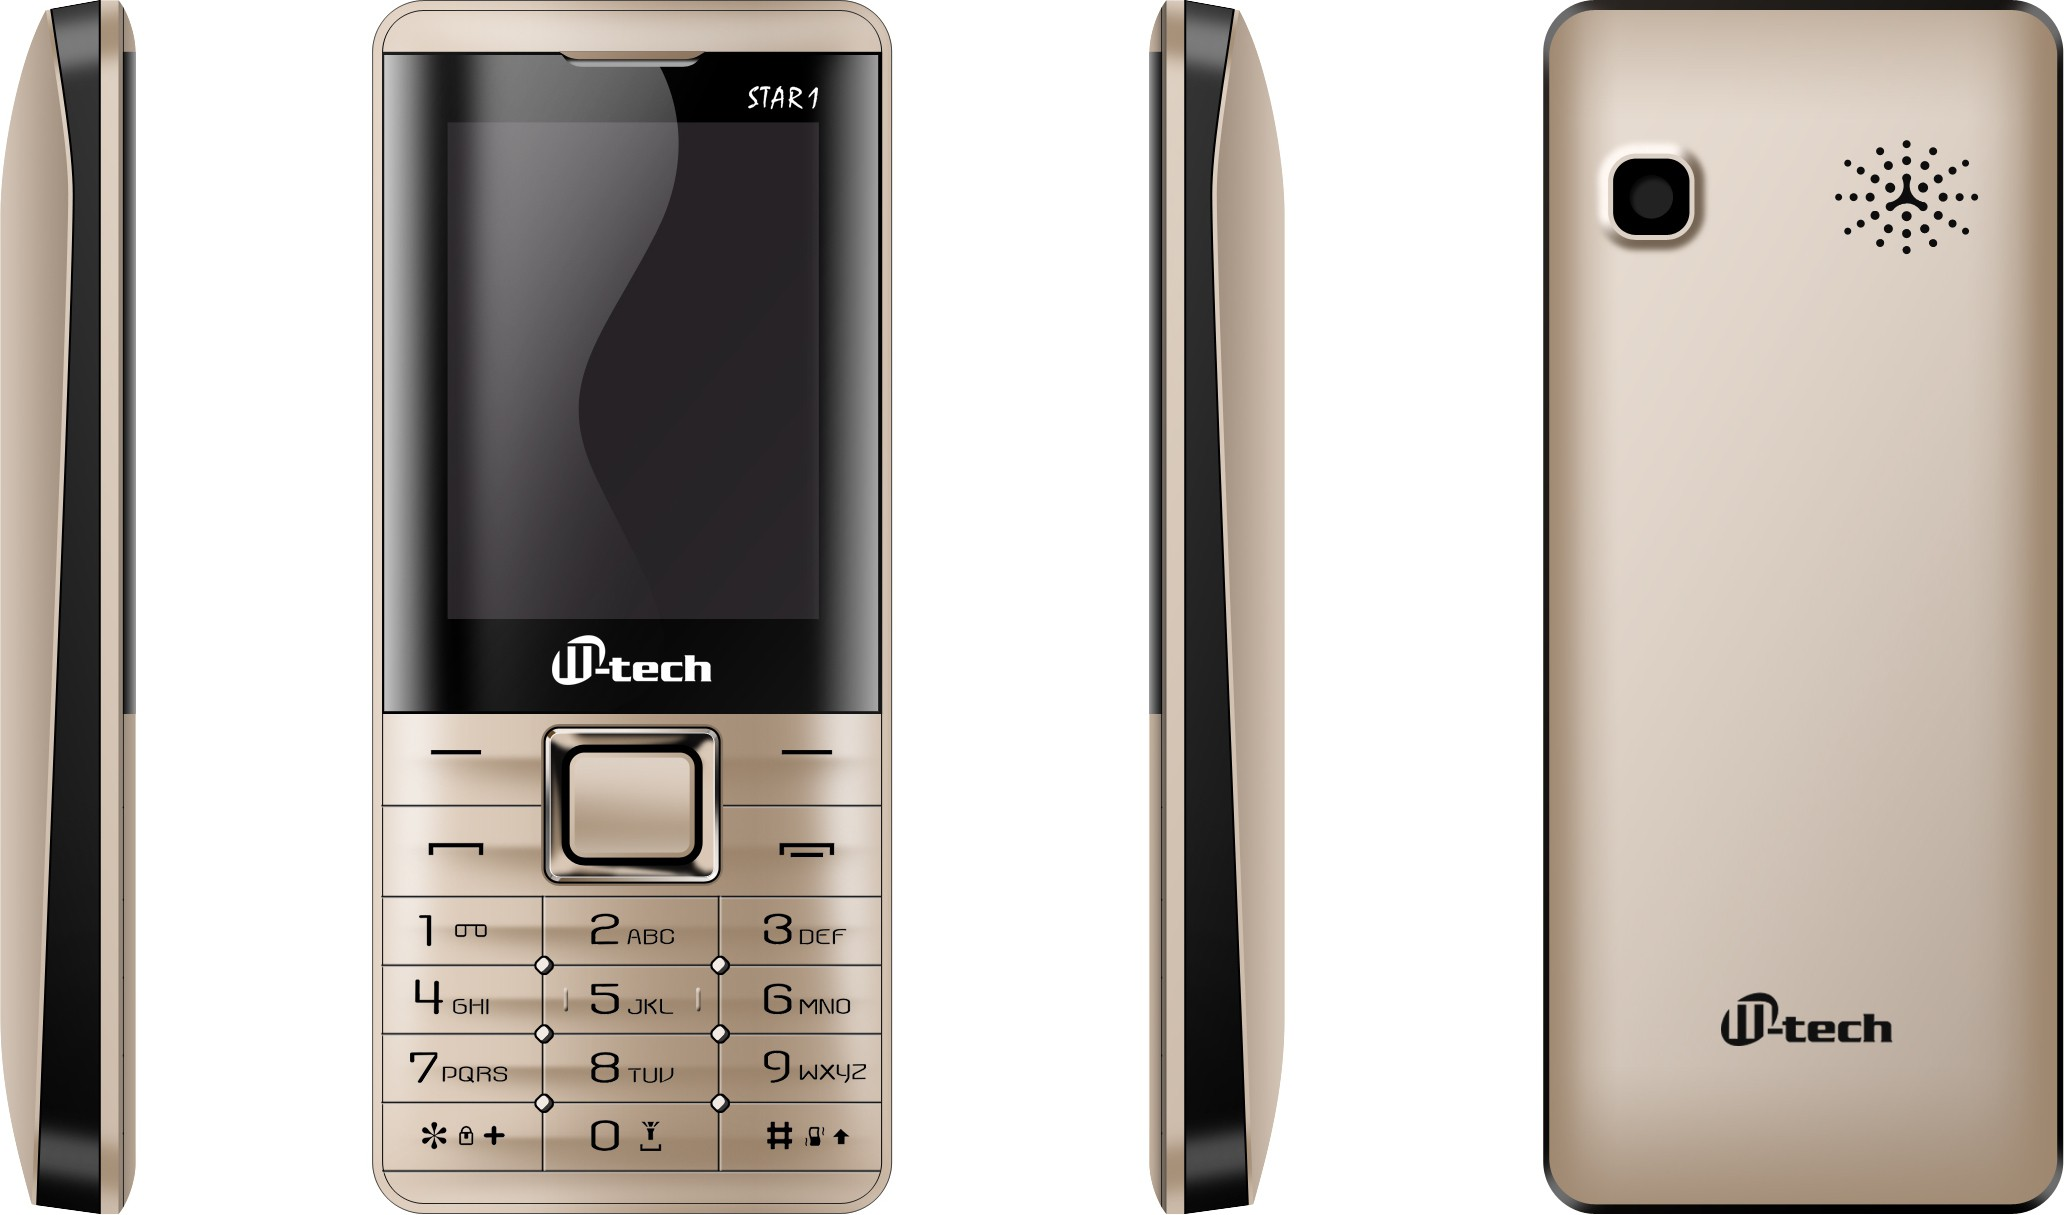 M-tech Star1(Gold)